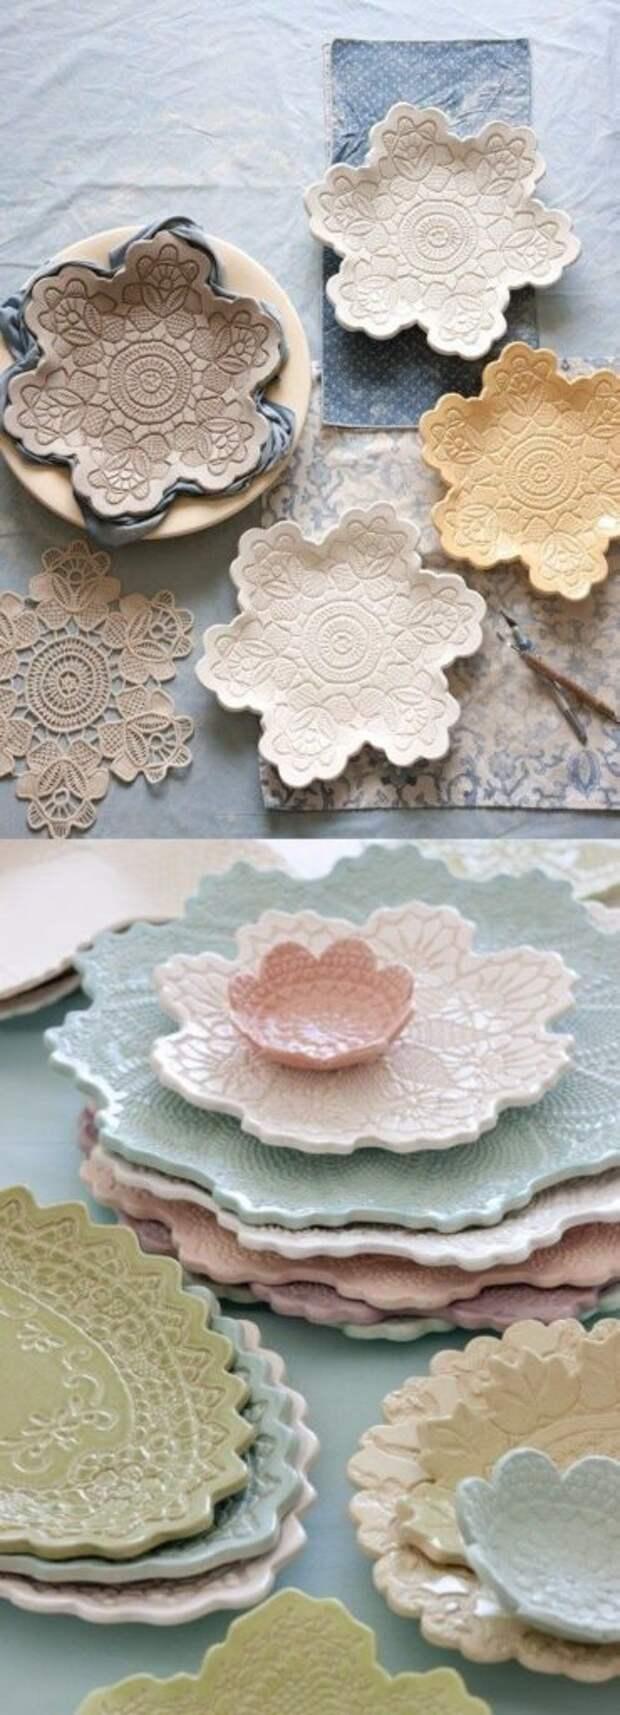 Мастер-класс по изготовлению глинянных тарелок в виде кружевных салфеток